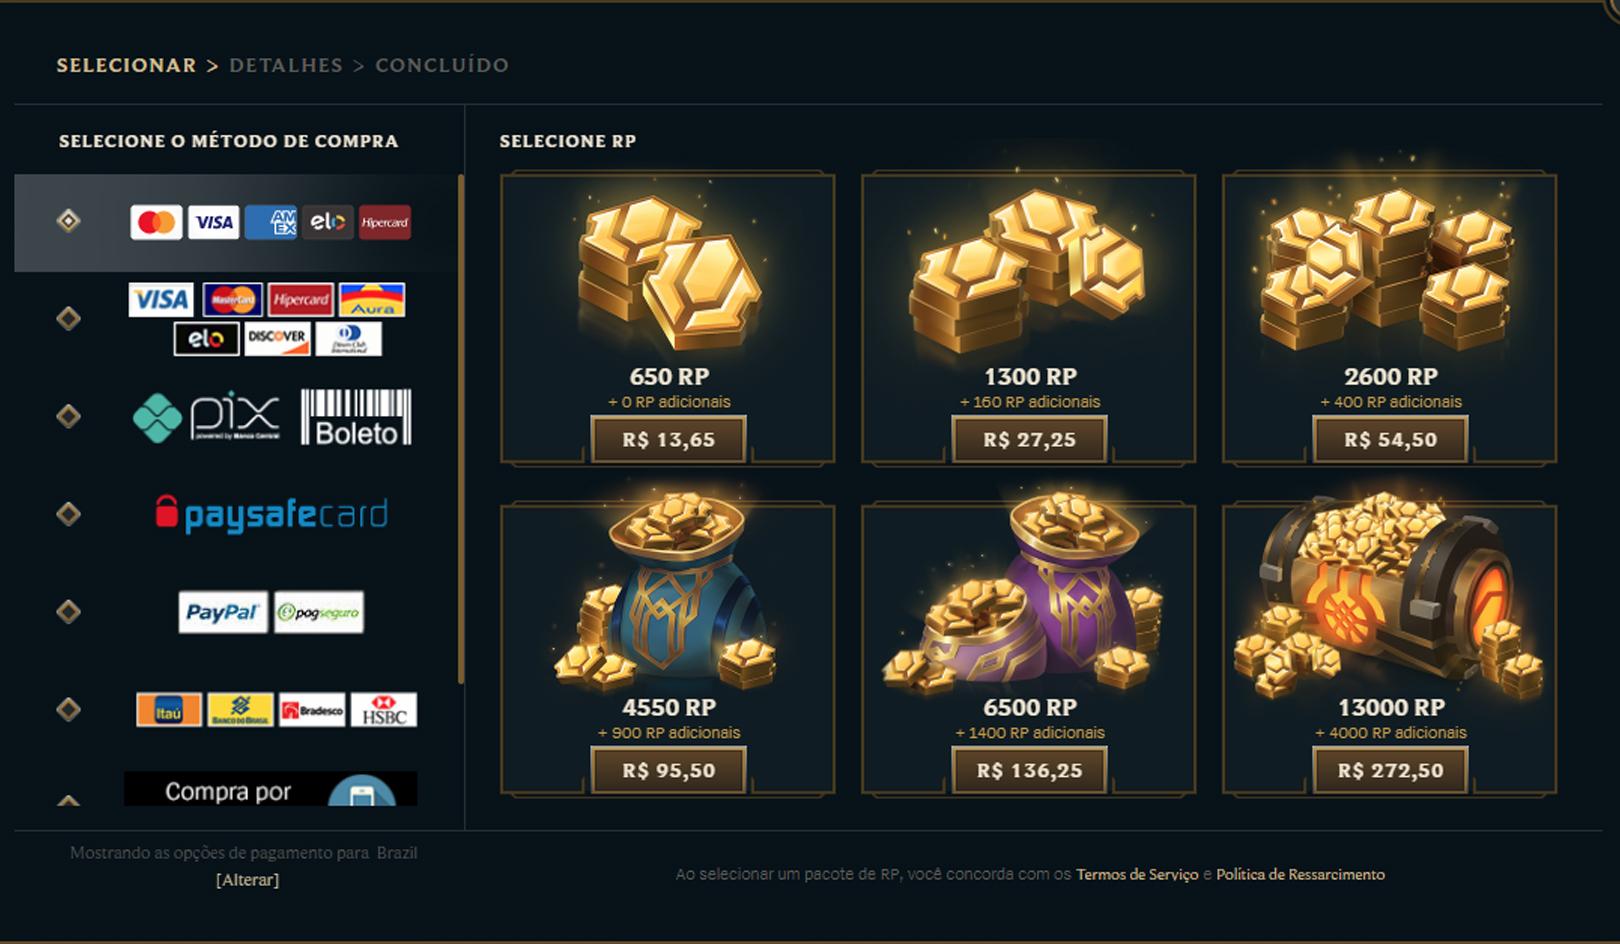 Preço do RP no LoL